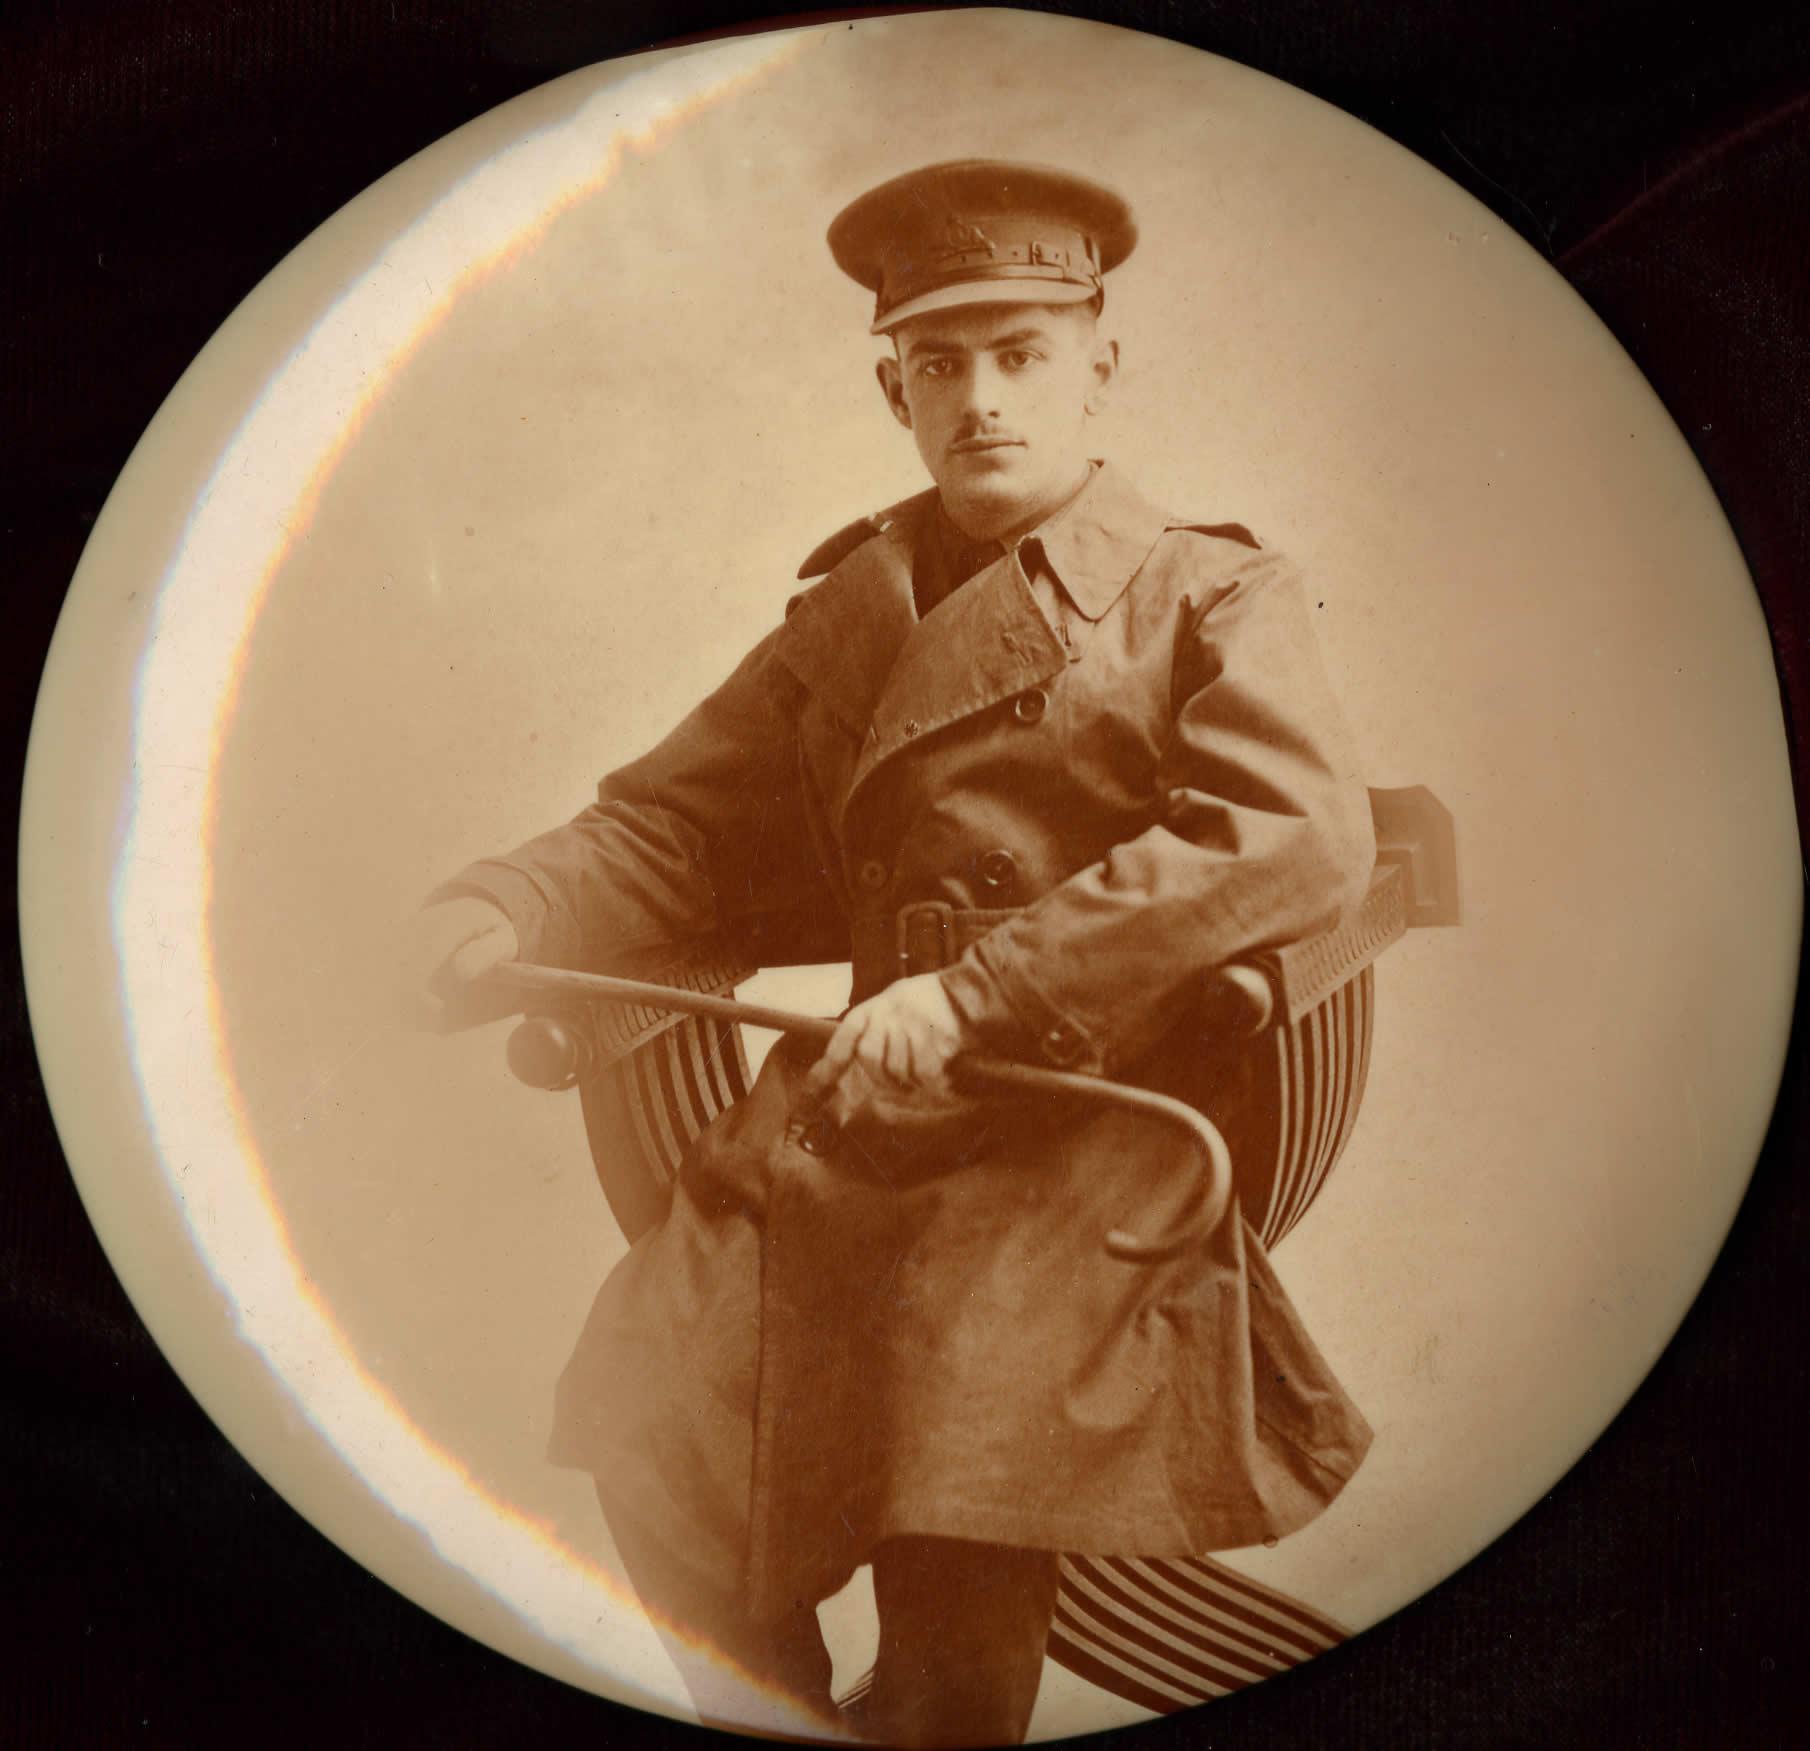 Memorial Plate of Louis Joseph Binet